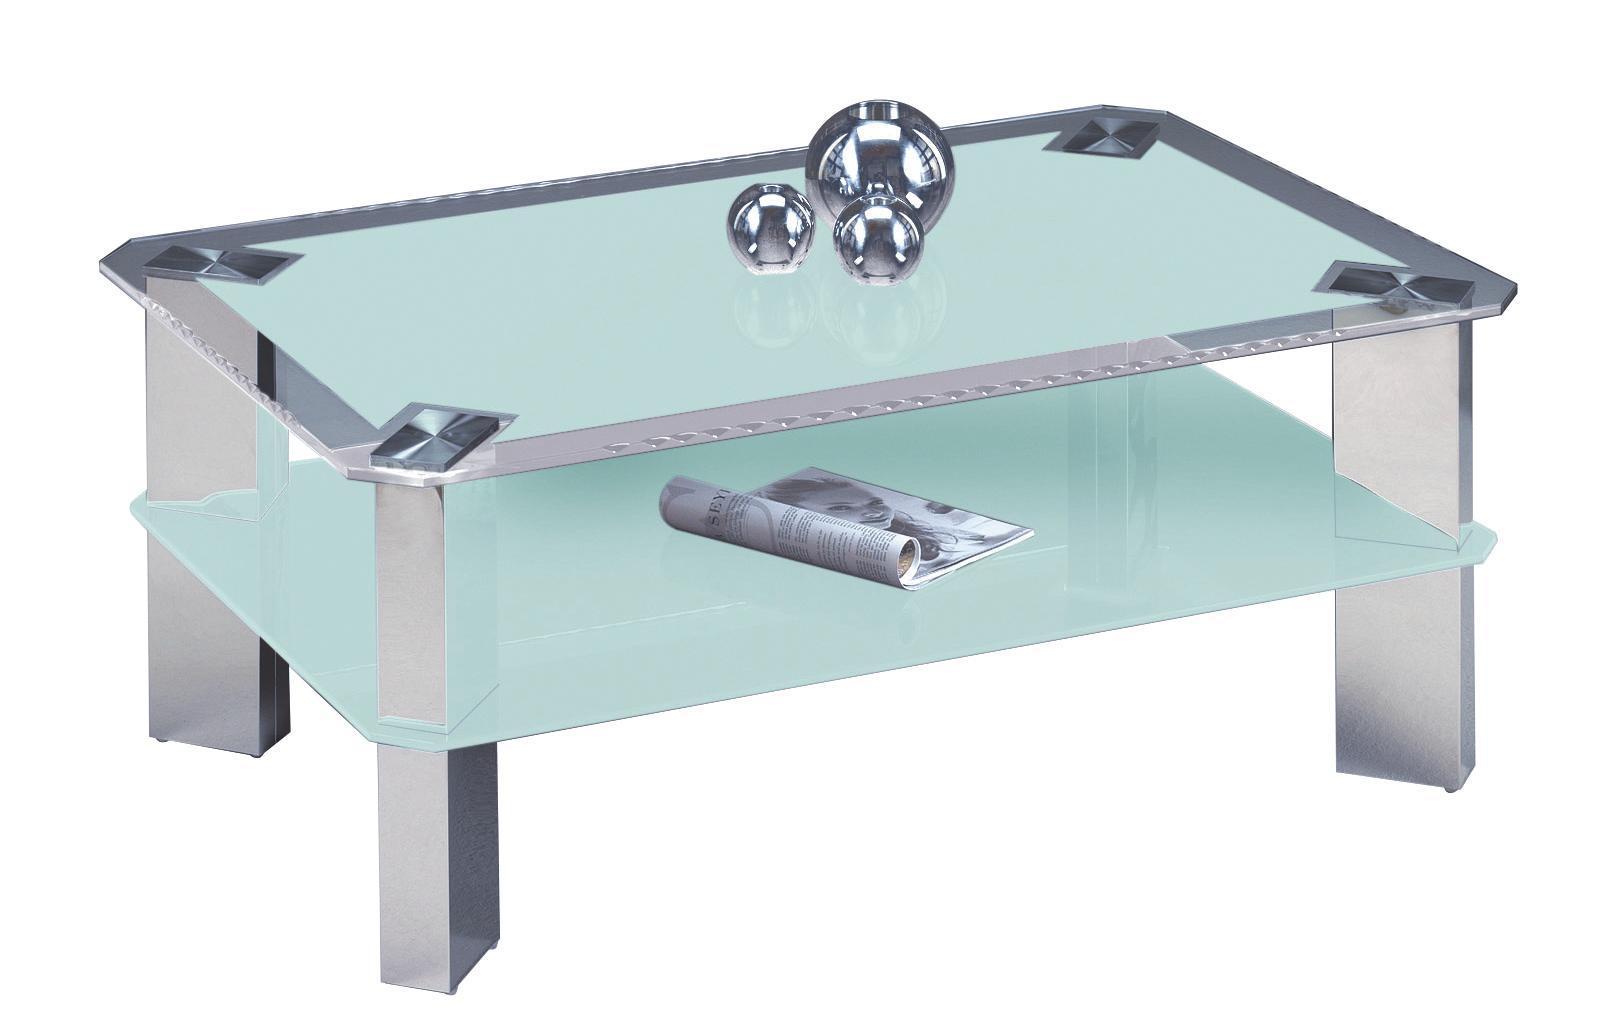 Couchtisch glas metall shop couchtisch kiefer gelaugt for Couchtisch glas 50 cm hoch